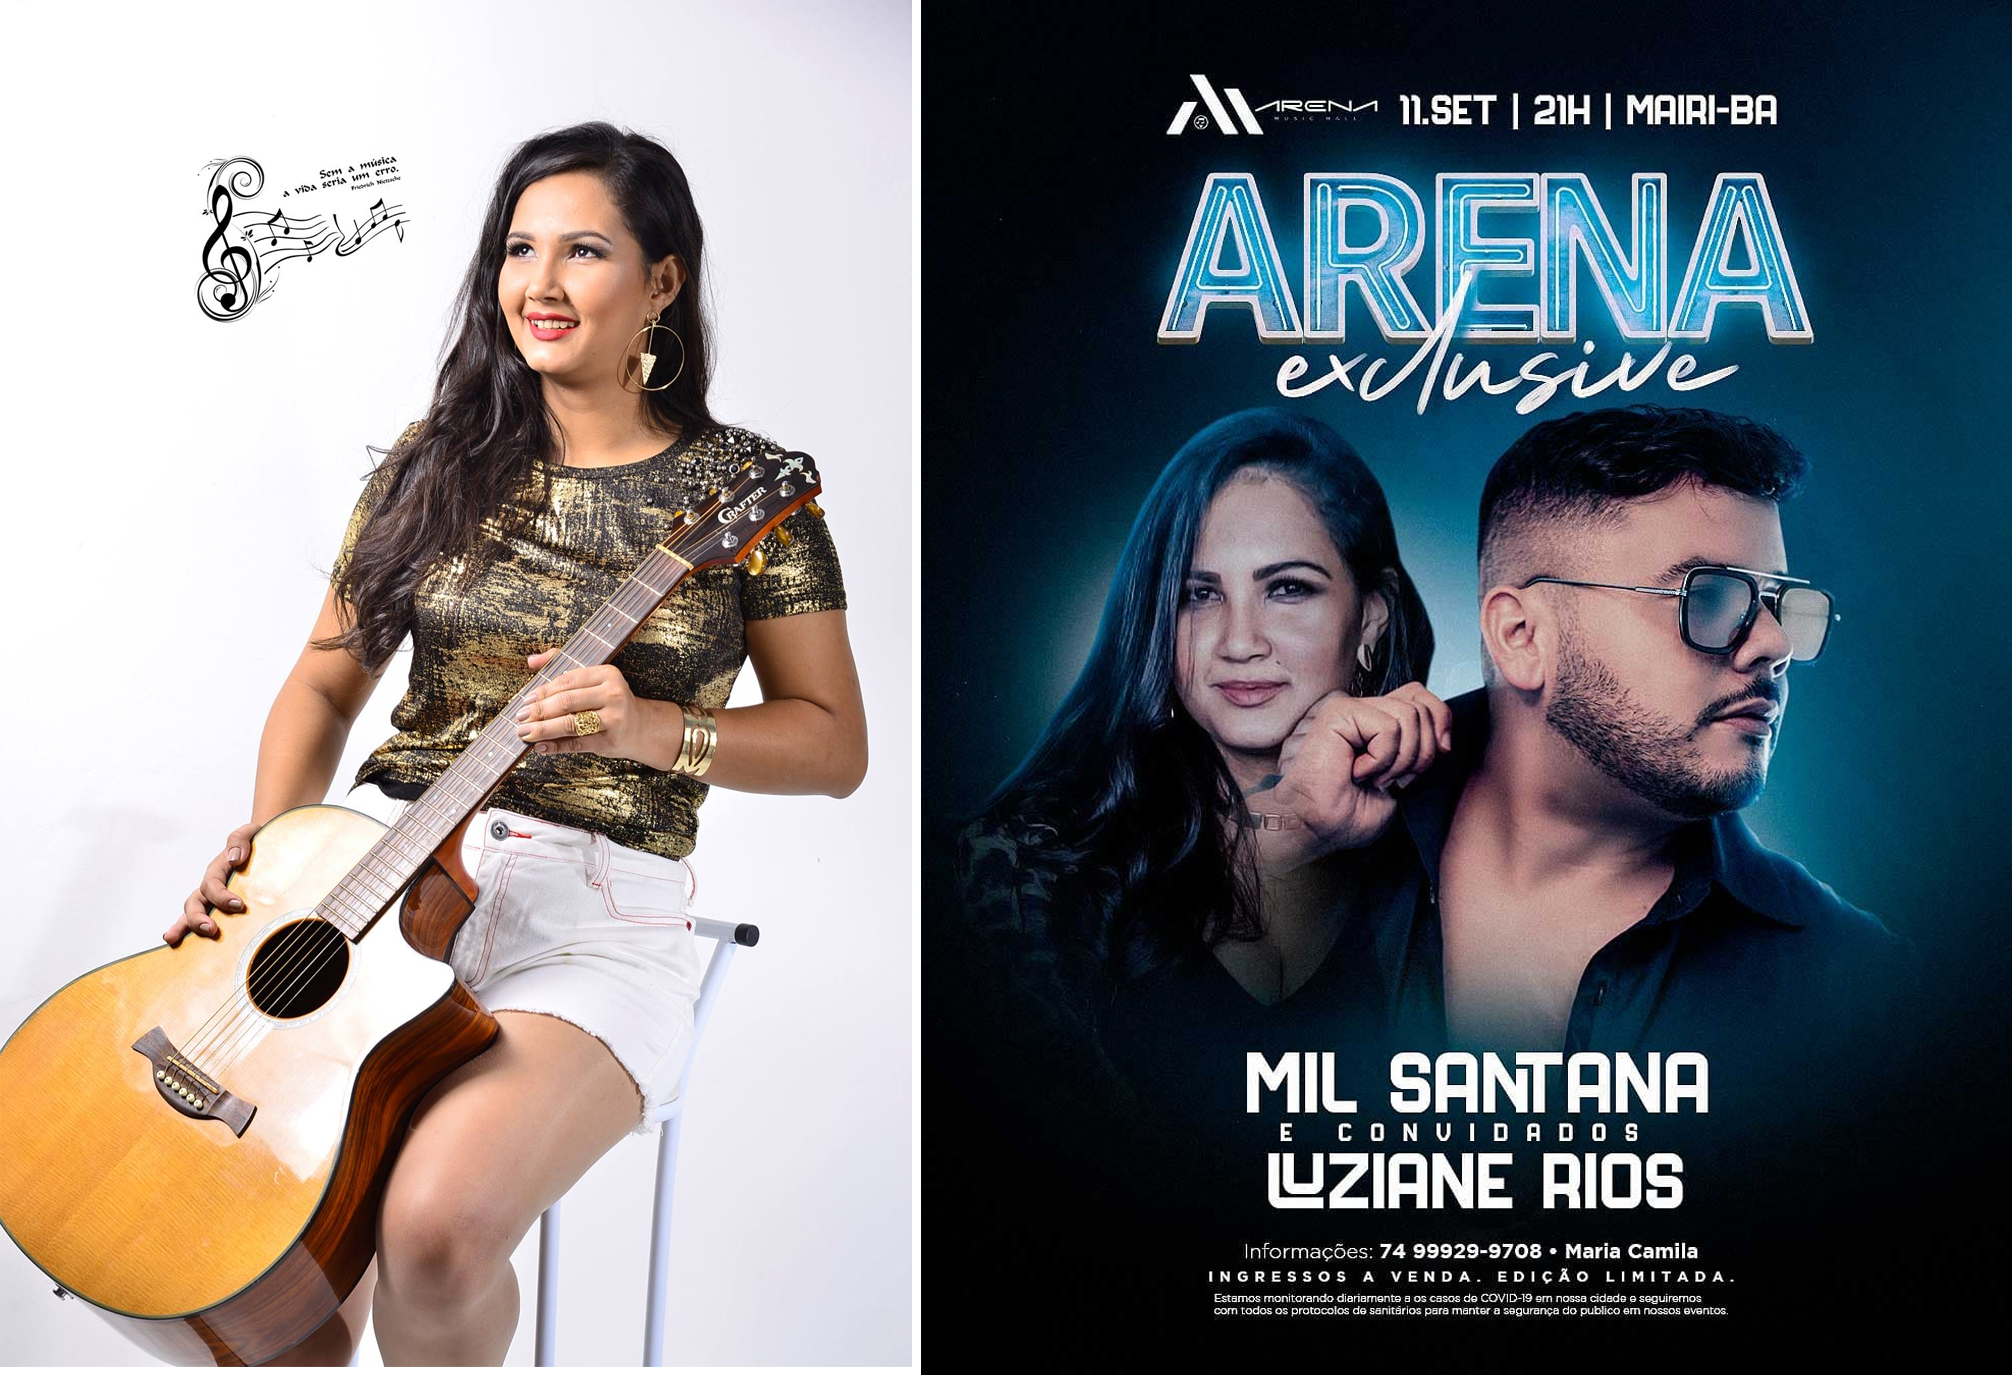 De volta aos palcos, Luziane Rios anuncia participação em show de Mil Santana